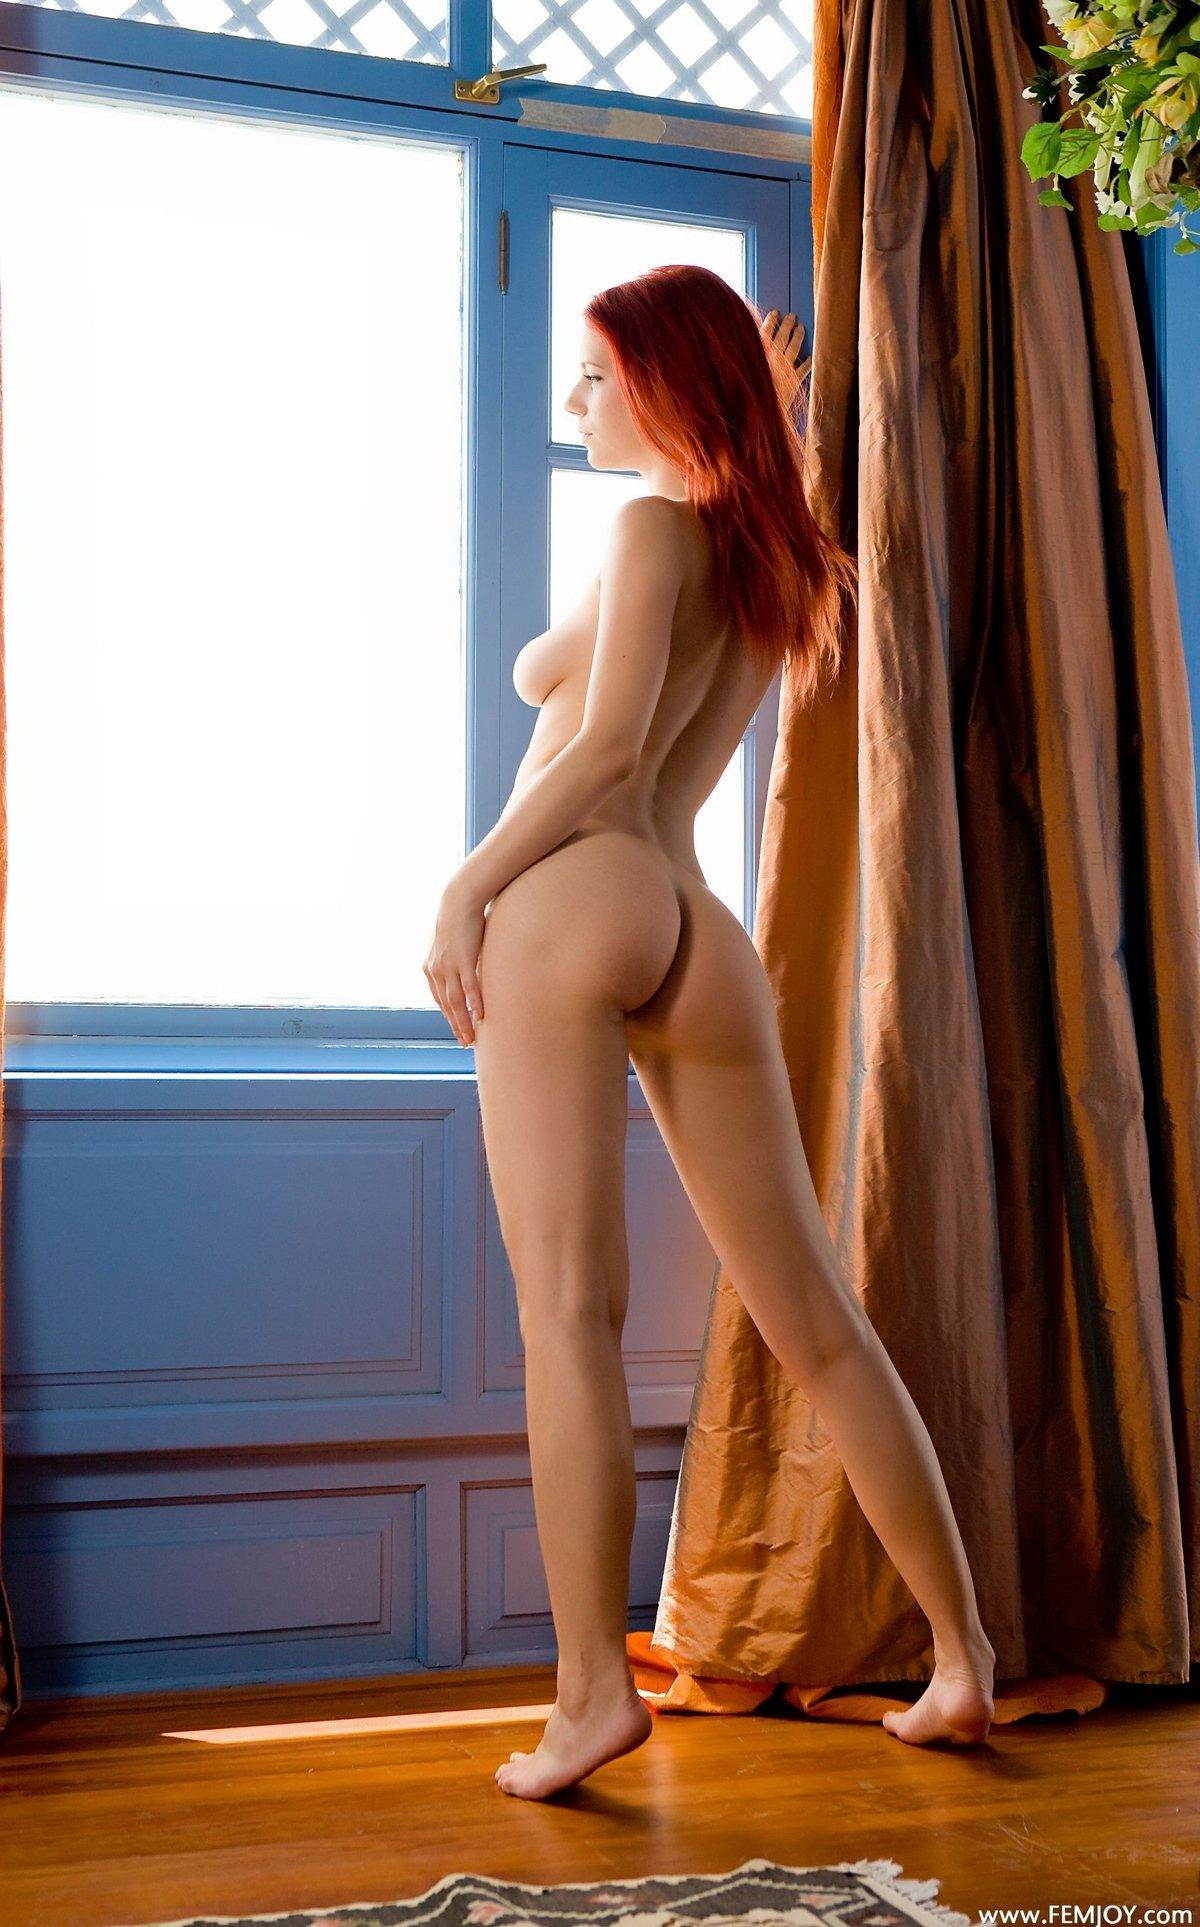 Голая девица с ярко рыжими волосами у окна